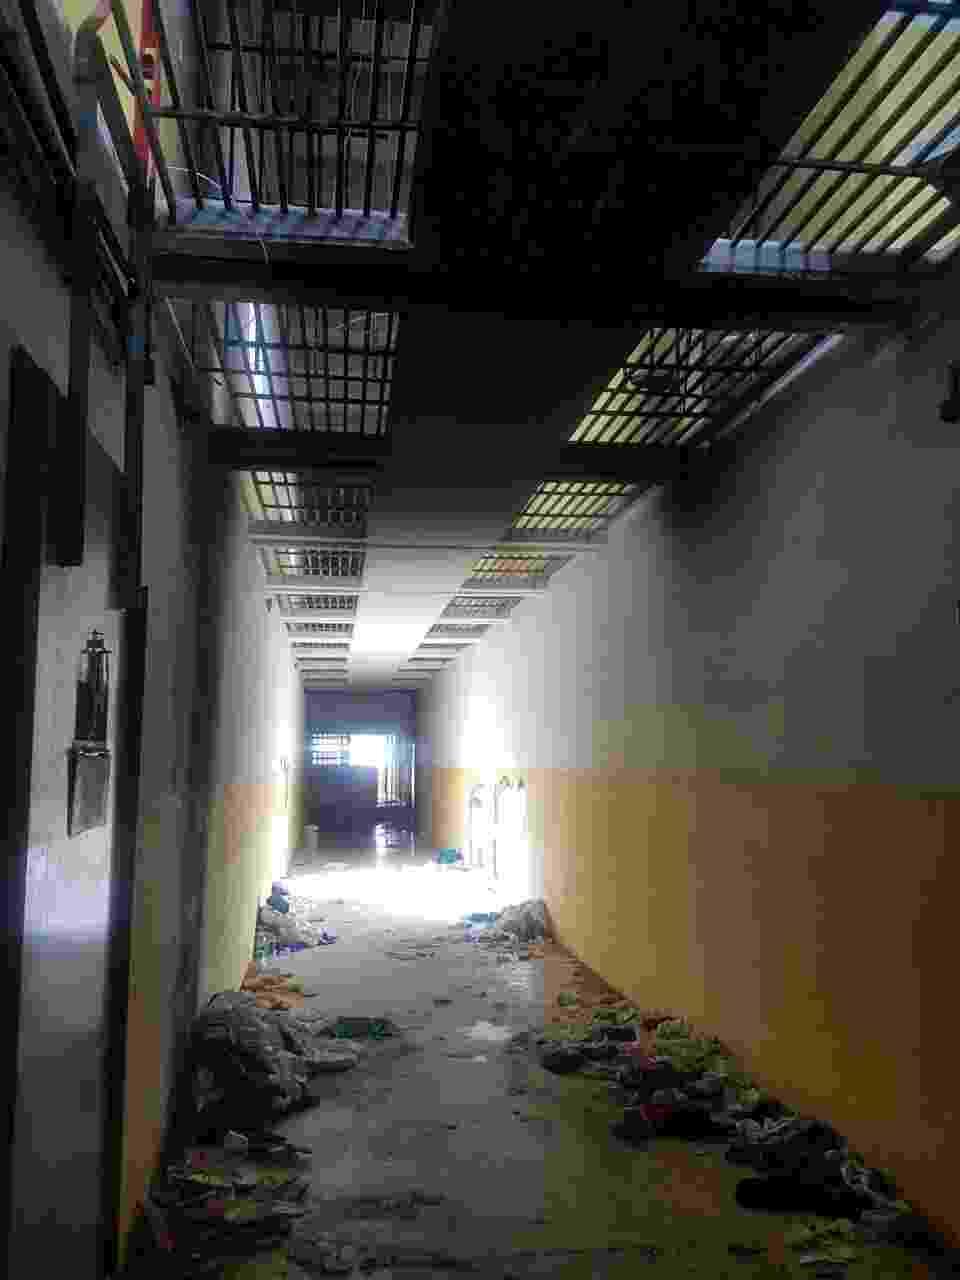 27.jan.2017 - Imagem mostra como a Força Nacional Penitenciária encontrou o interior do Pavilhão 5 de Alcaçuz após retomar o controle do presídio - Divulgação/Sindicato dos Agentes Penitenciários